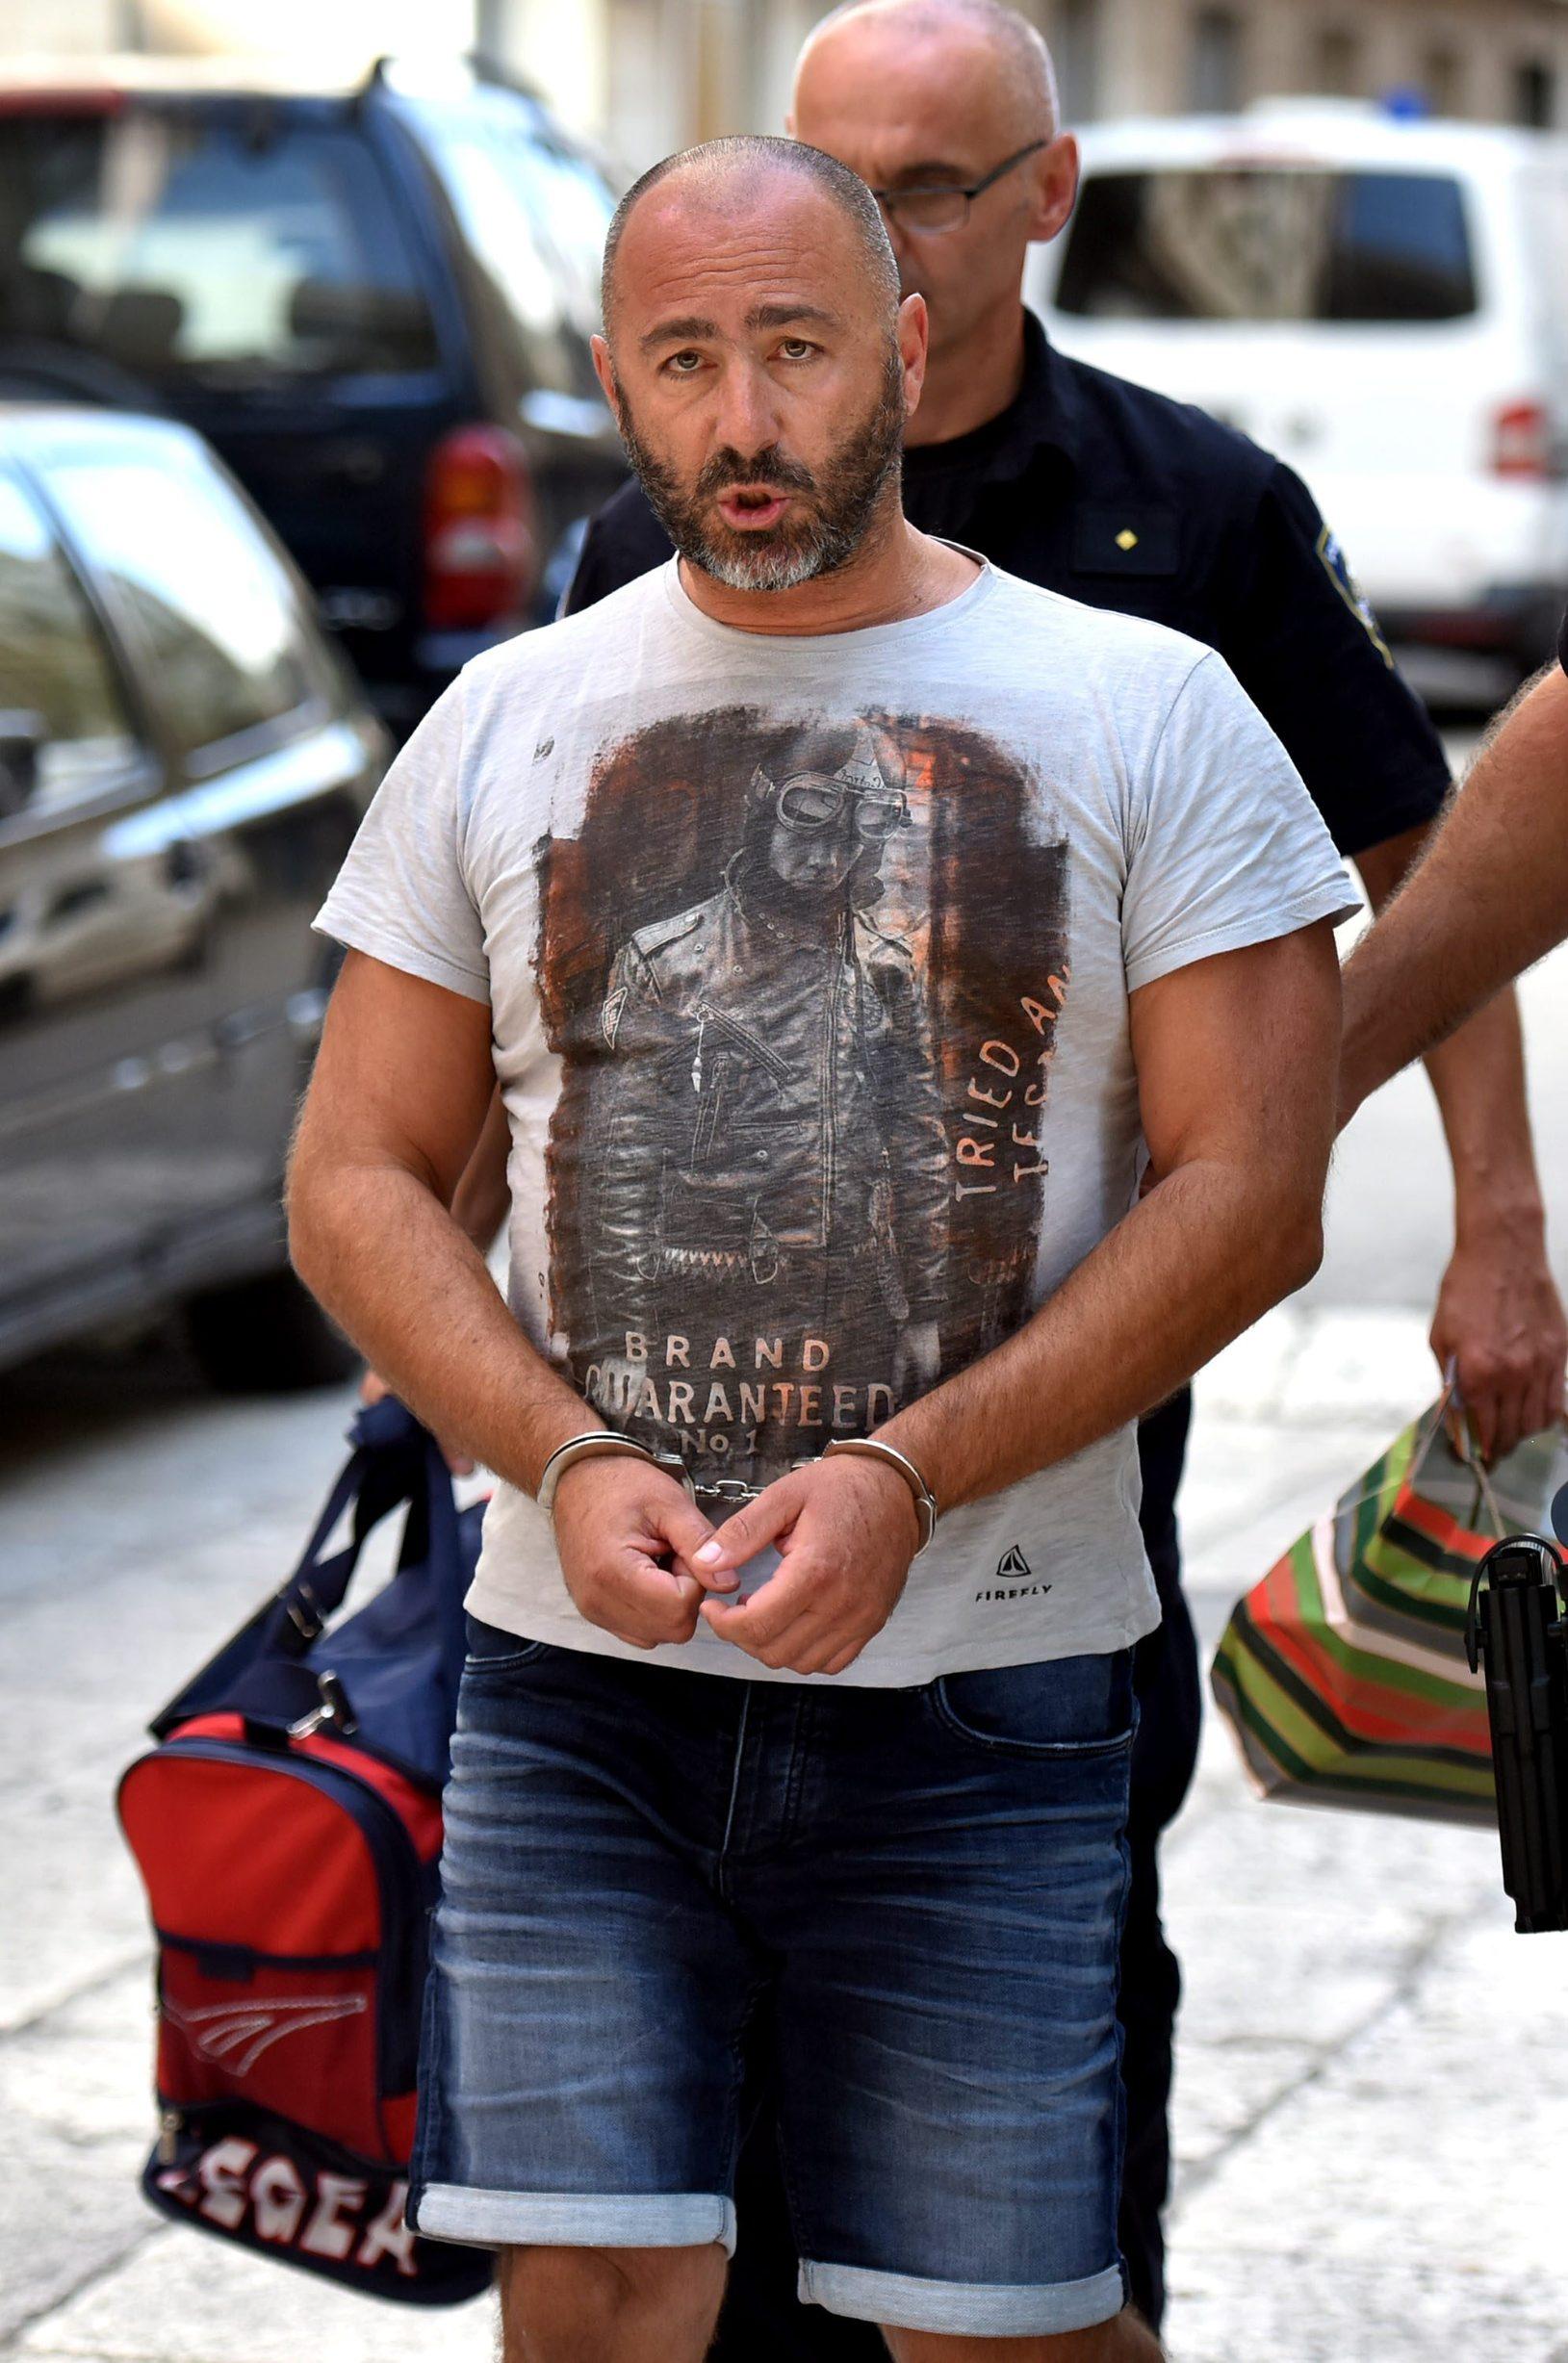 Zadar, 120919. Danas poslijepodne je istraznom sucu zadarskog Zupanijskog suda priveden Zadranin osumnjicen za preprodaju kokaina. Foto: CROPIX